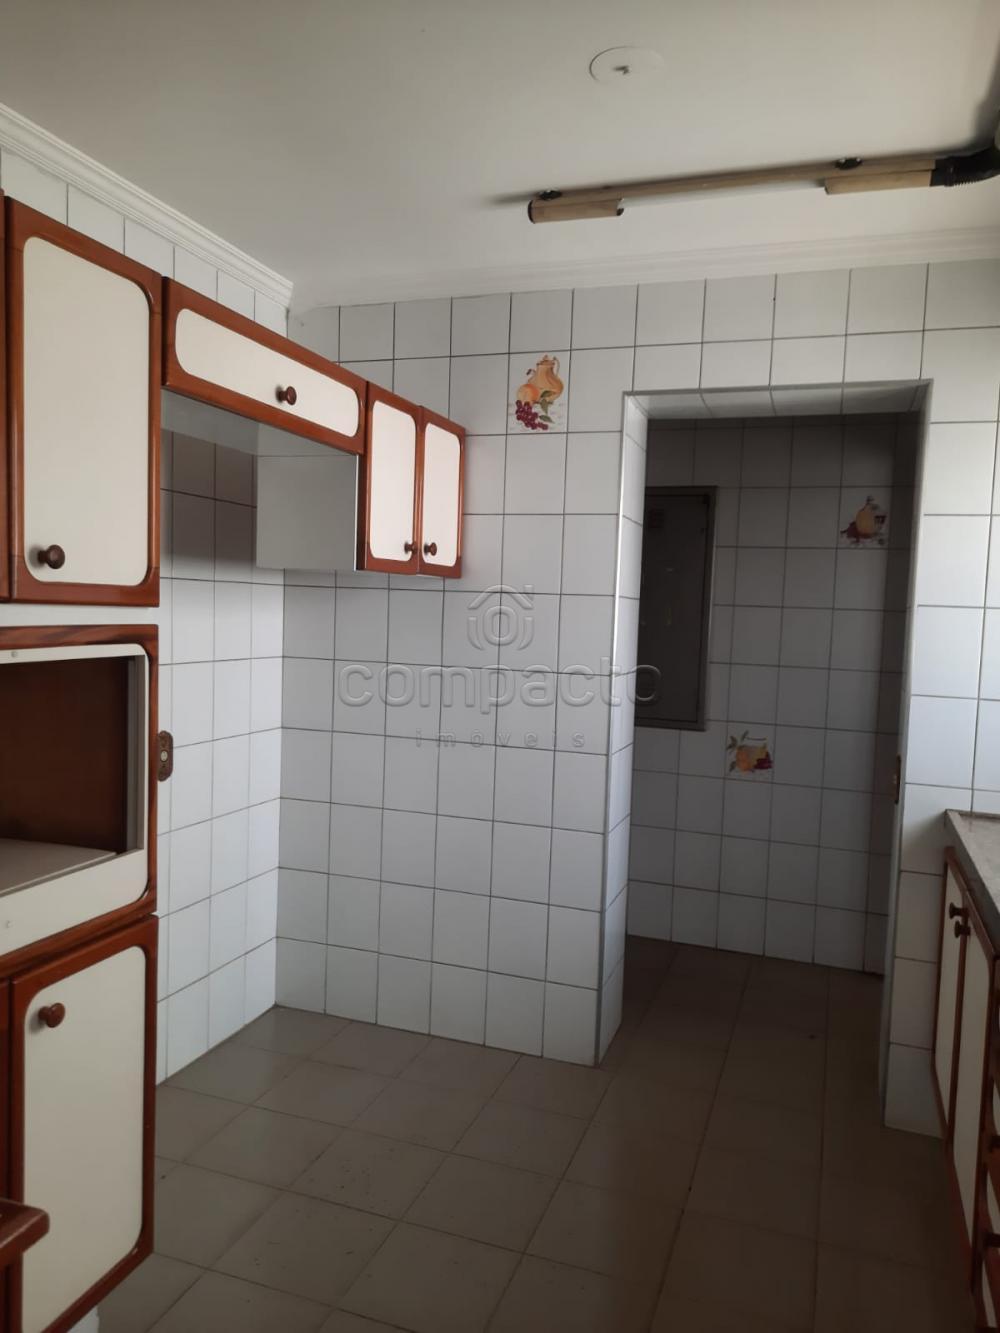 Alugar Apartamento / Padrão em São José do Rio Preto R$ 2.000,00 - Foto 25